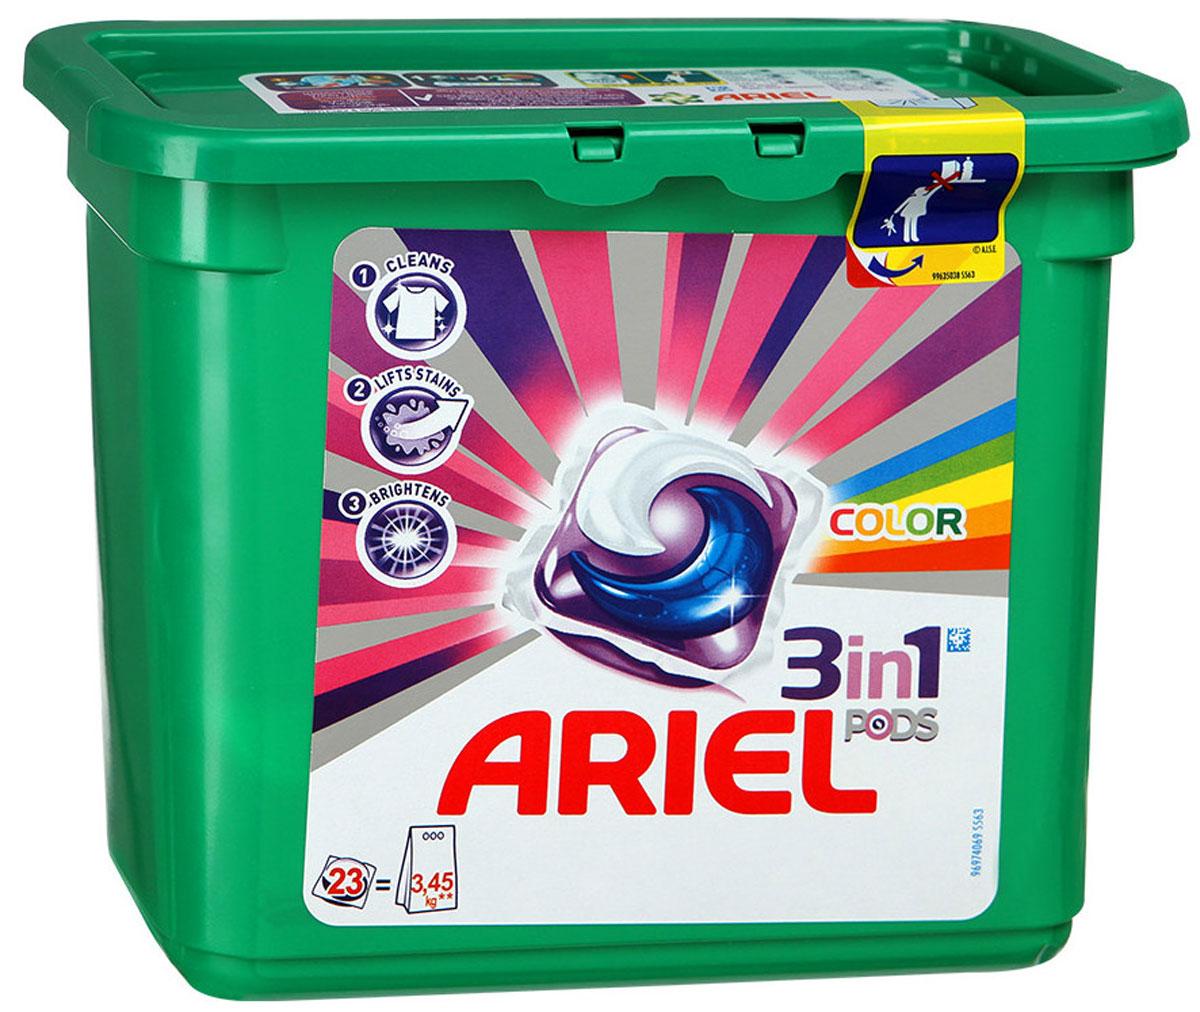 Гель в капсулах Ariel Pods 3в1 Color & Style, 23 штAG-815515013в1 - очищает, выводит пятна, придает яркость Инновация! Первое средство для стирки с тремя раздельными компонентами, которые работают вместе. Они очищают, выводят пятна и придают тканям яркость. Компоненты находятся в отдельных секциях капсулы, что предотвращает их смешивание до начала стирки. • Первое средство для стирки из 3х компонентов! • Инновационная защитная быстрорастворимая пленка сохраняет компоненты отдельно друг от друга, что предотвращает их смешивание до начала стирки. • Непревзойденная эффективность: Ariel PODS. 3в1 - лучшее жидкое средство для стирки от Ariel. Для наилучшего результата используйте вместе с кондиционером для белья Lenor. Состав: >30% анионные ПАВ; 5-15% неионогенные ПАВ, Мыло; <5% фосфонаты; энзимы, оптические отбеливатели, ароматизаторы, альфа-изометилионон, бензилсалицилат, цитронеллол, кумарин, гексил циннамал, линалоол.